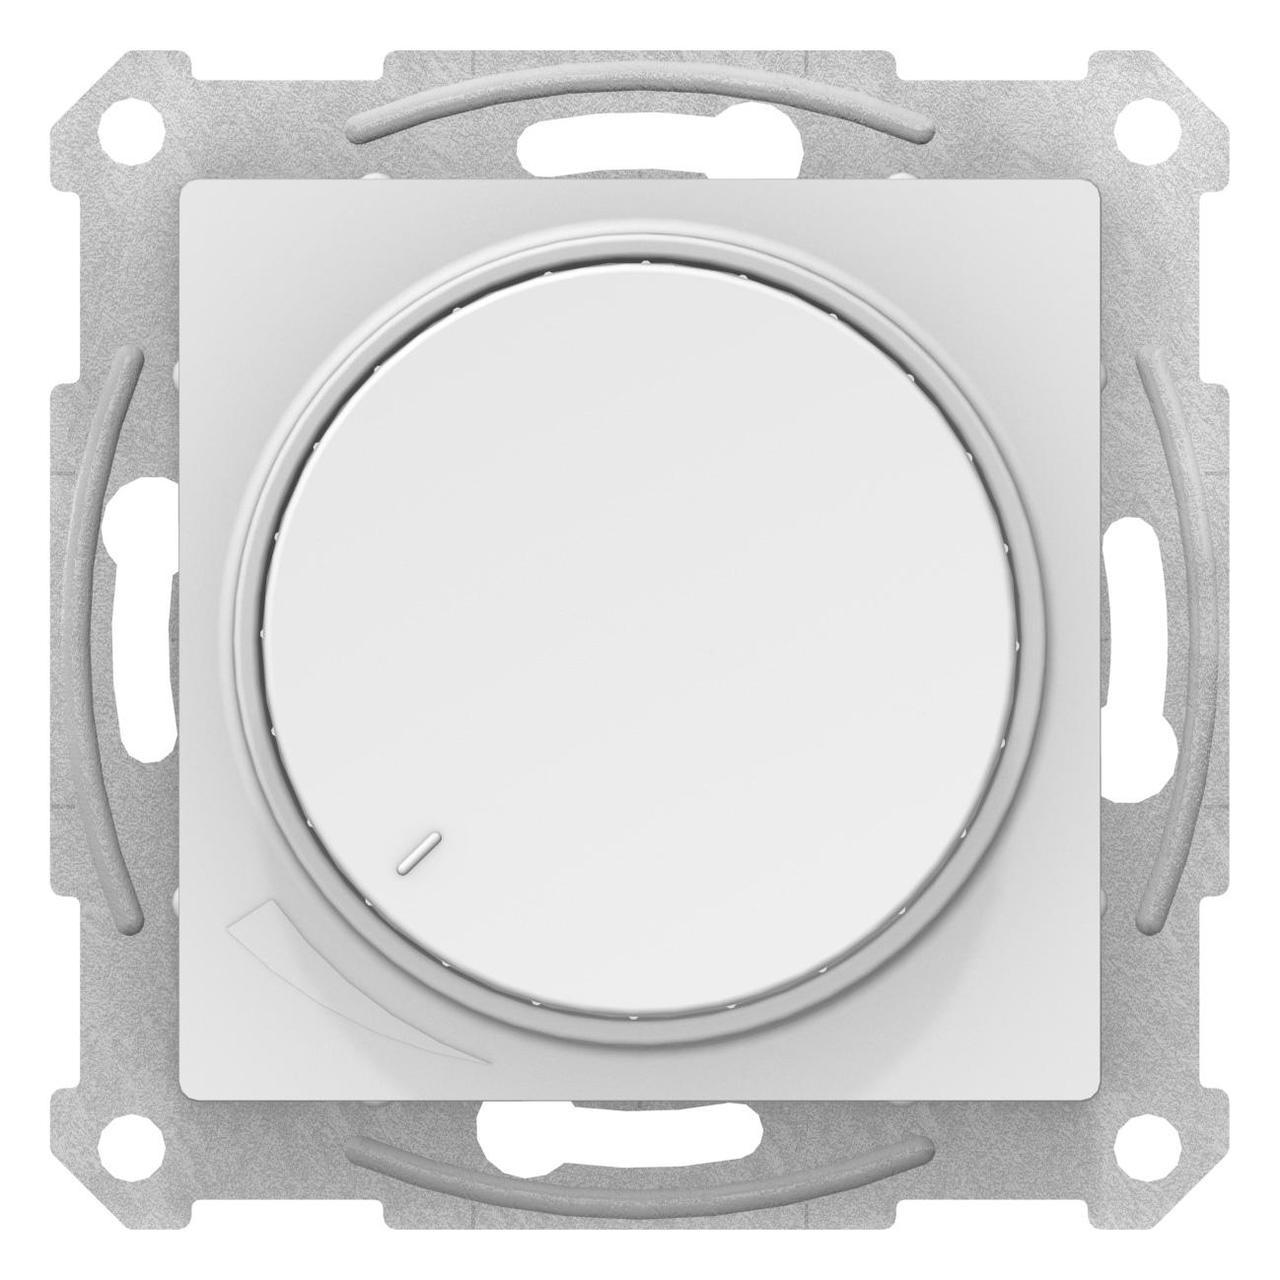 Диммер поворотно-нажимной , 600Вт для ламп накаливания , Белый, серия Atlas Design, Schneider Electric